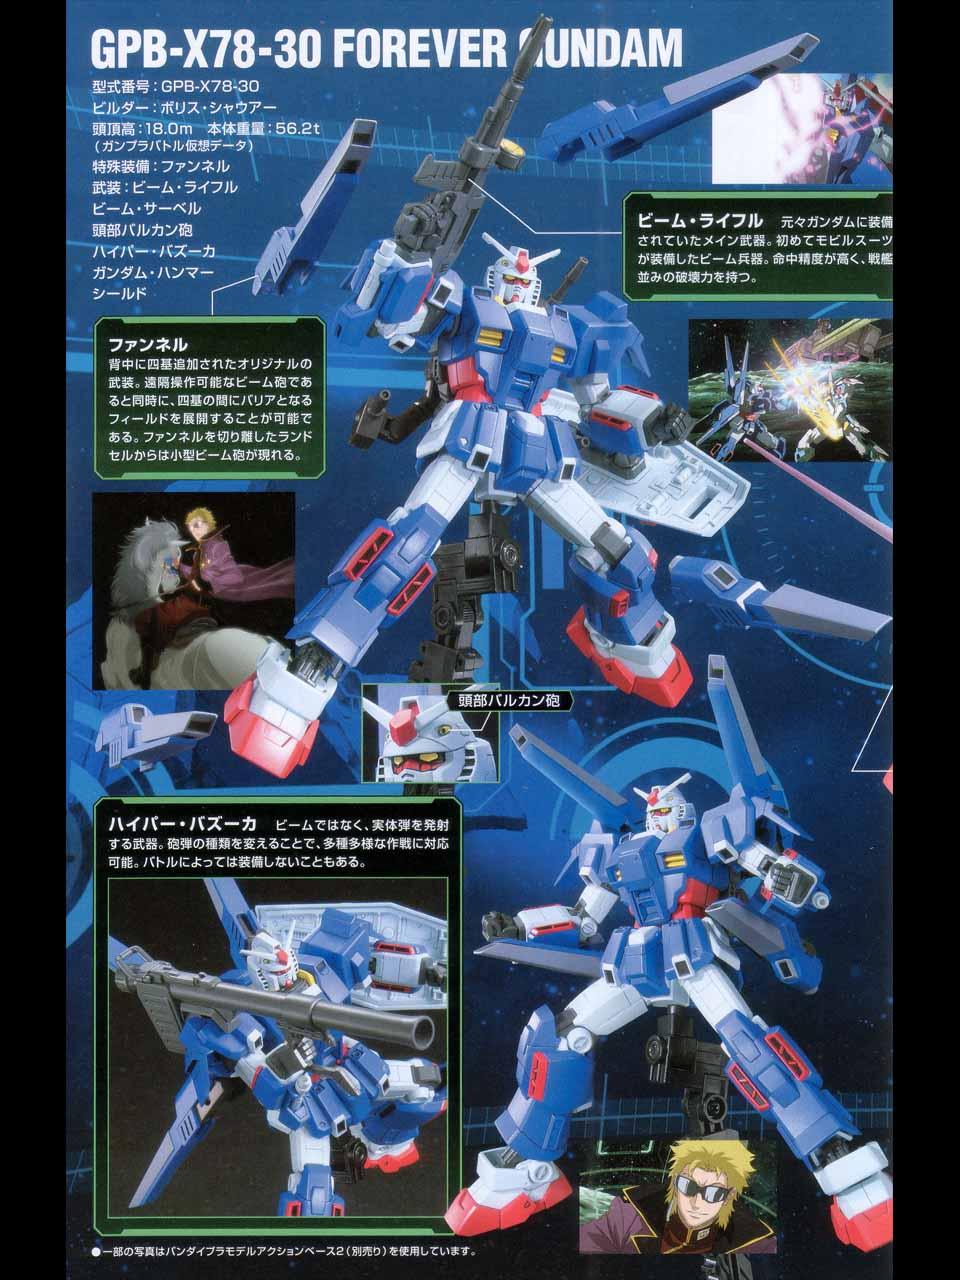 HG_Forever_Gundam_09.jpg